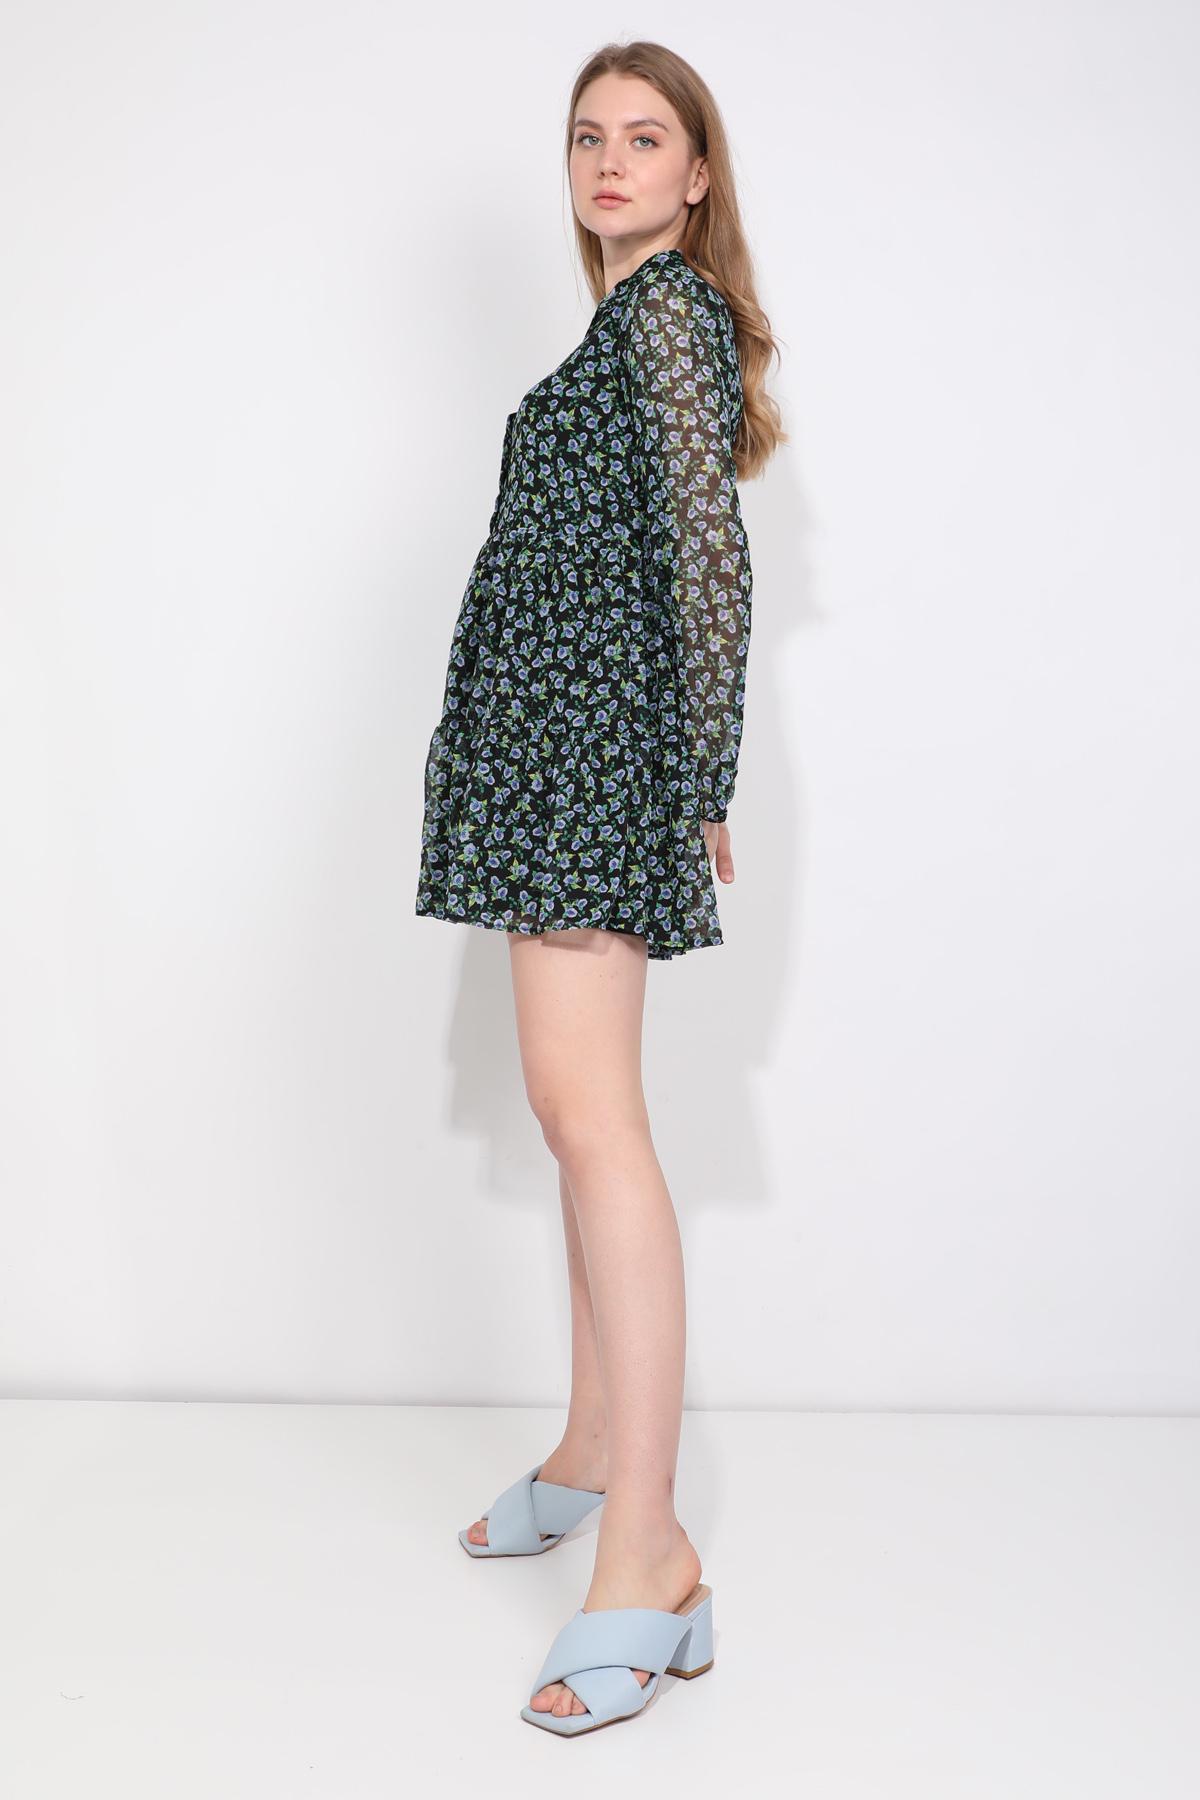 Kadın Çiçek Desenli Astarlı Şifon Elbise